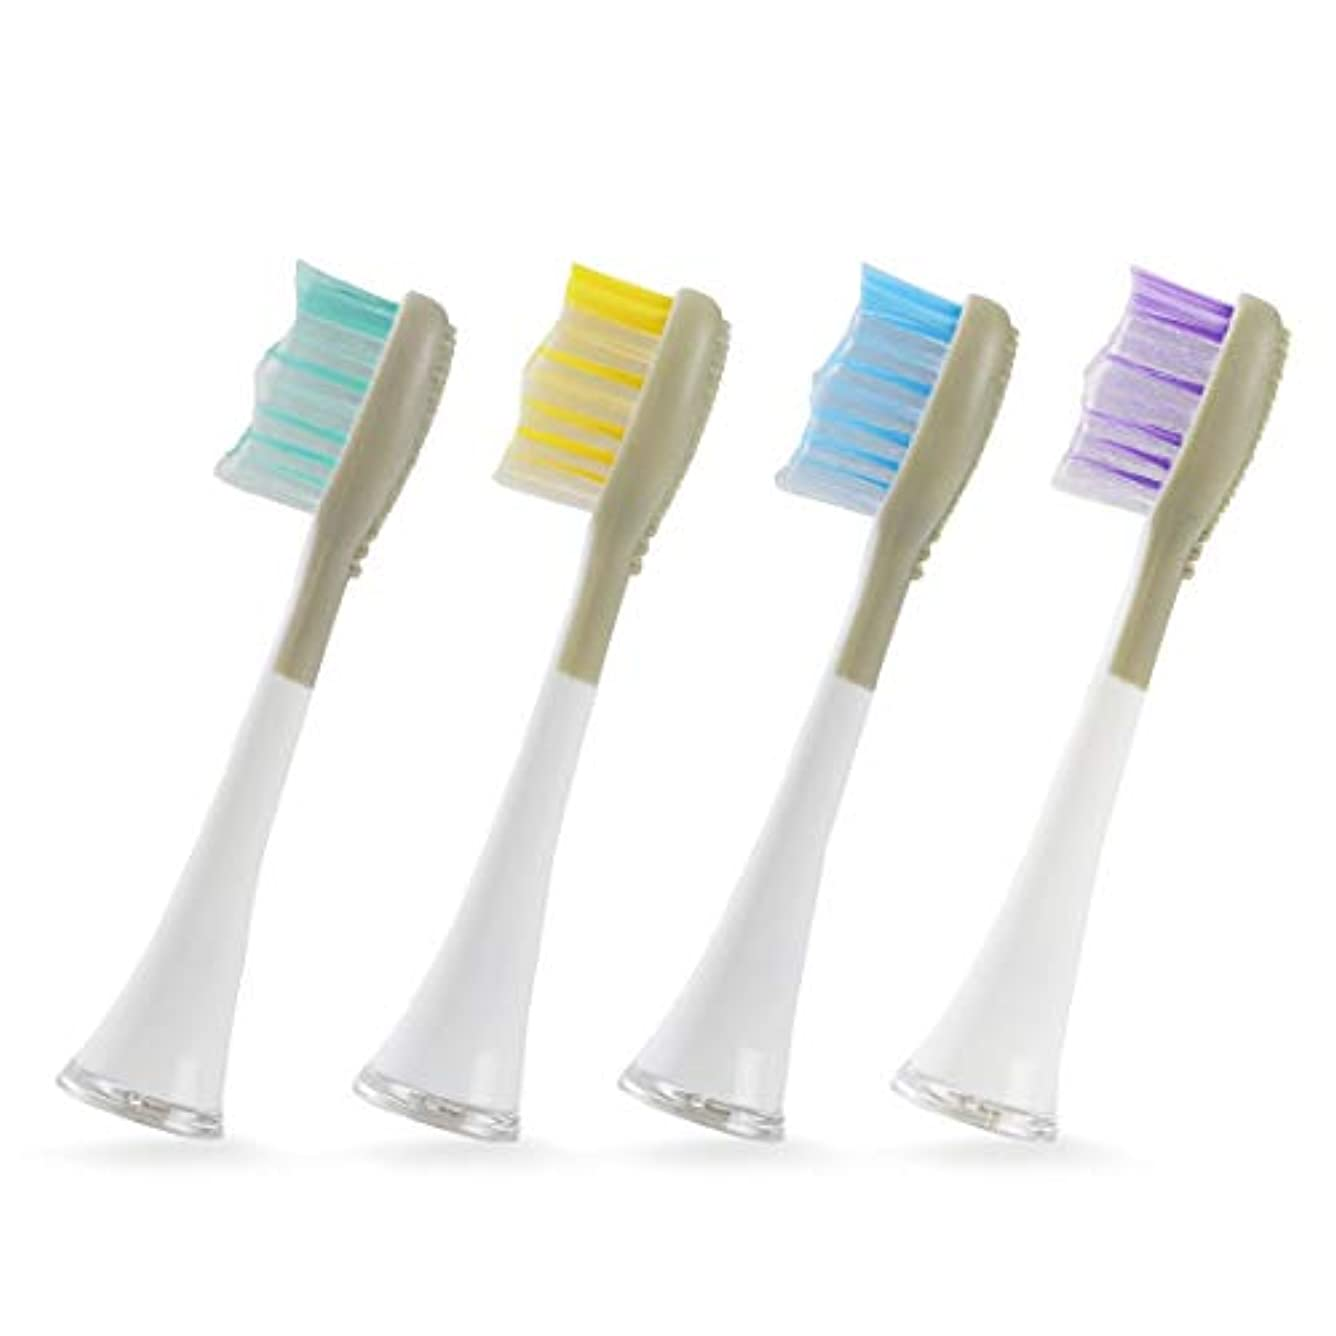 淡い矢印感染するクルラ(Qurra) 電動歯ブラシ 音波式 Basic 替えブラシ 4個セット 舌クリーナー 付